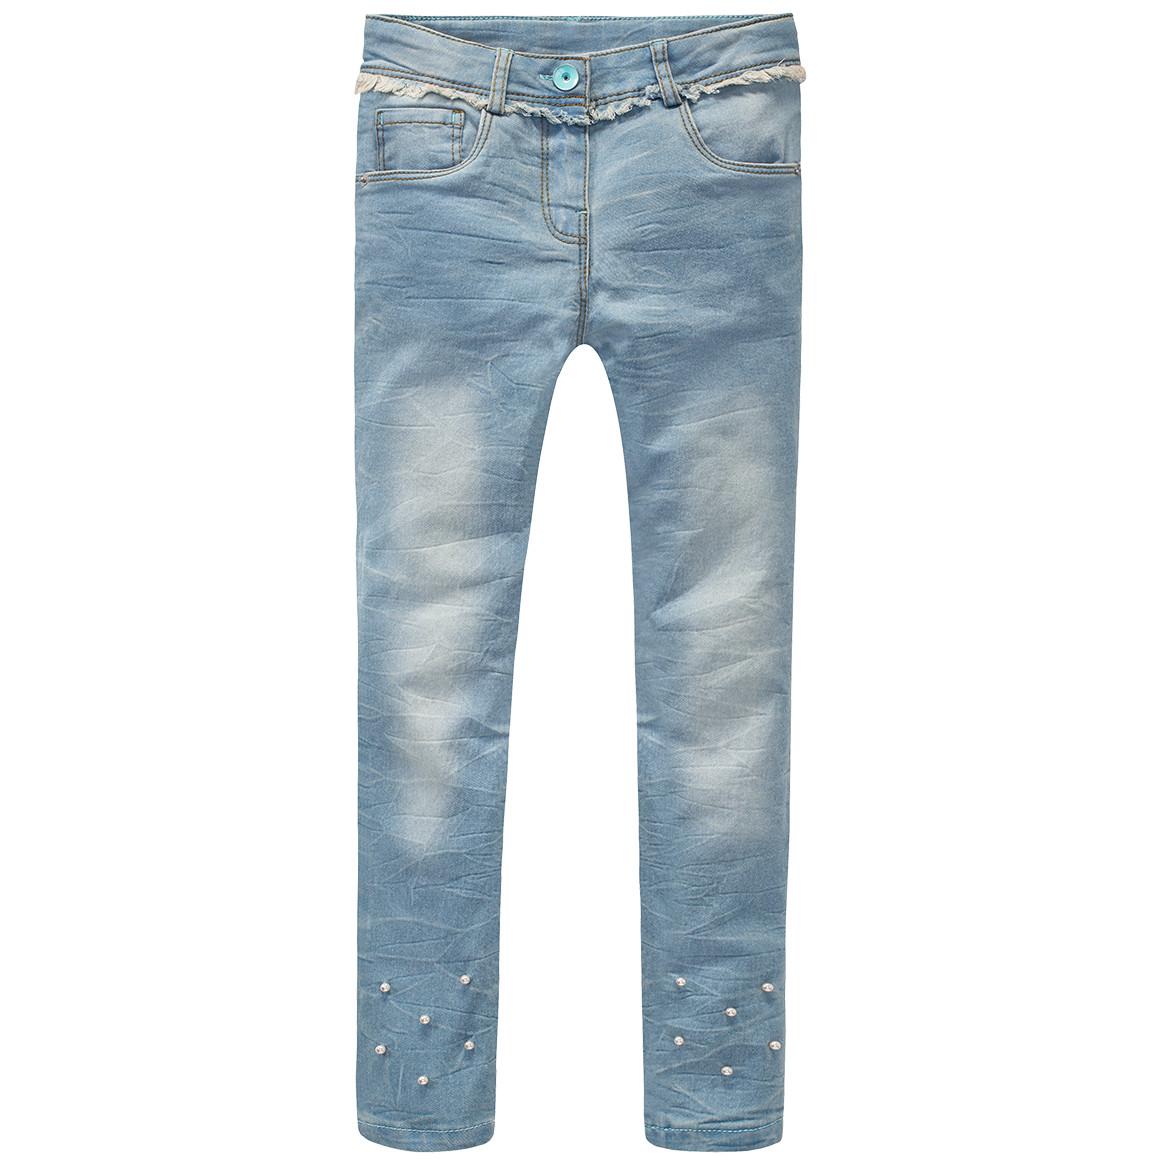 Mädchen Skinny Jeans mit verstellbarem Bund